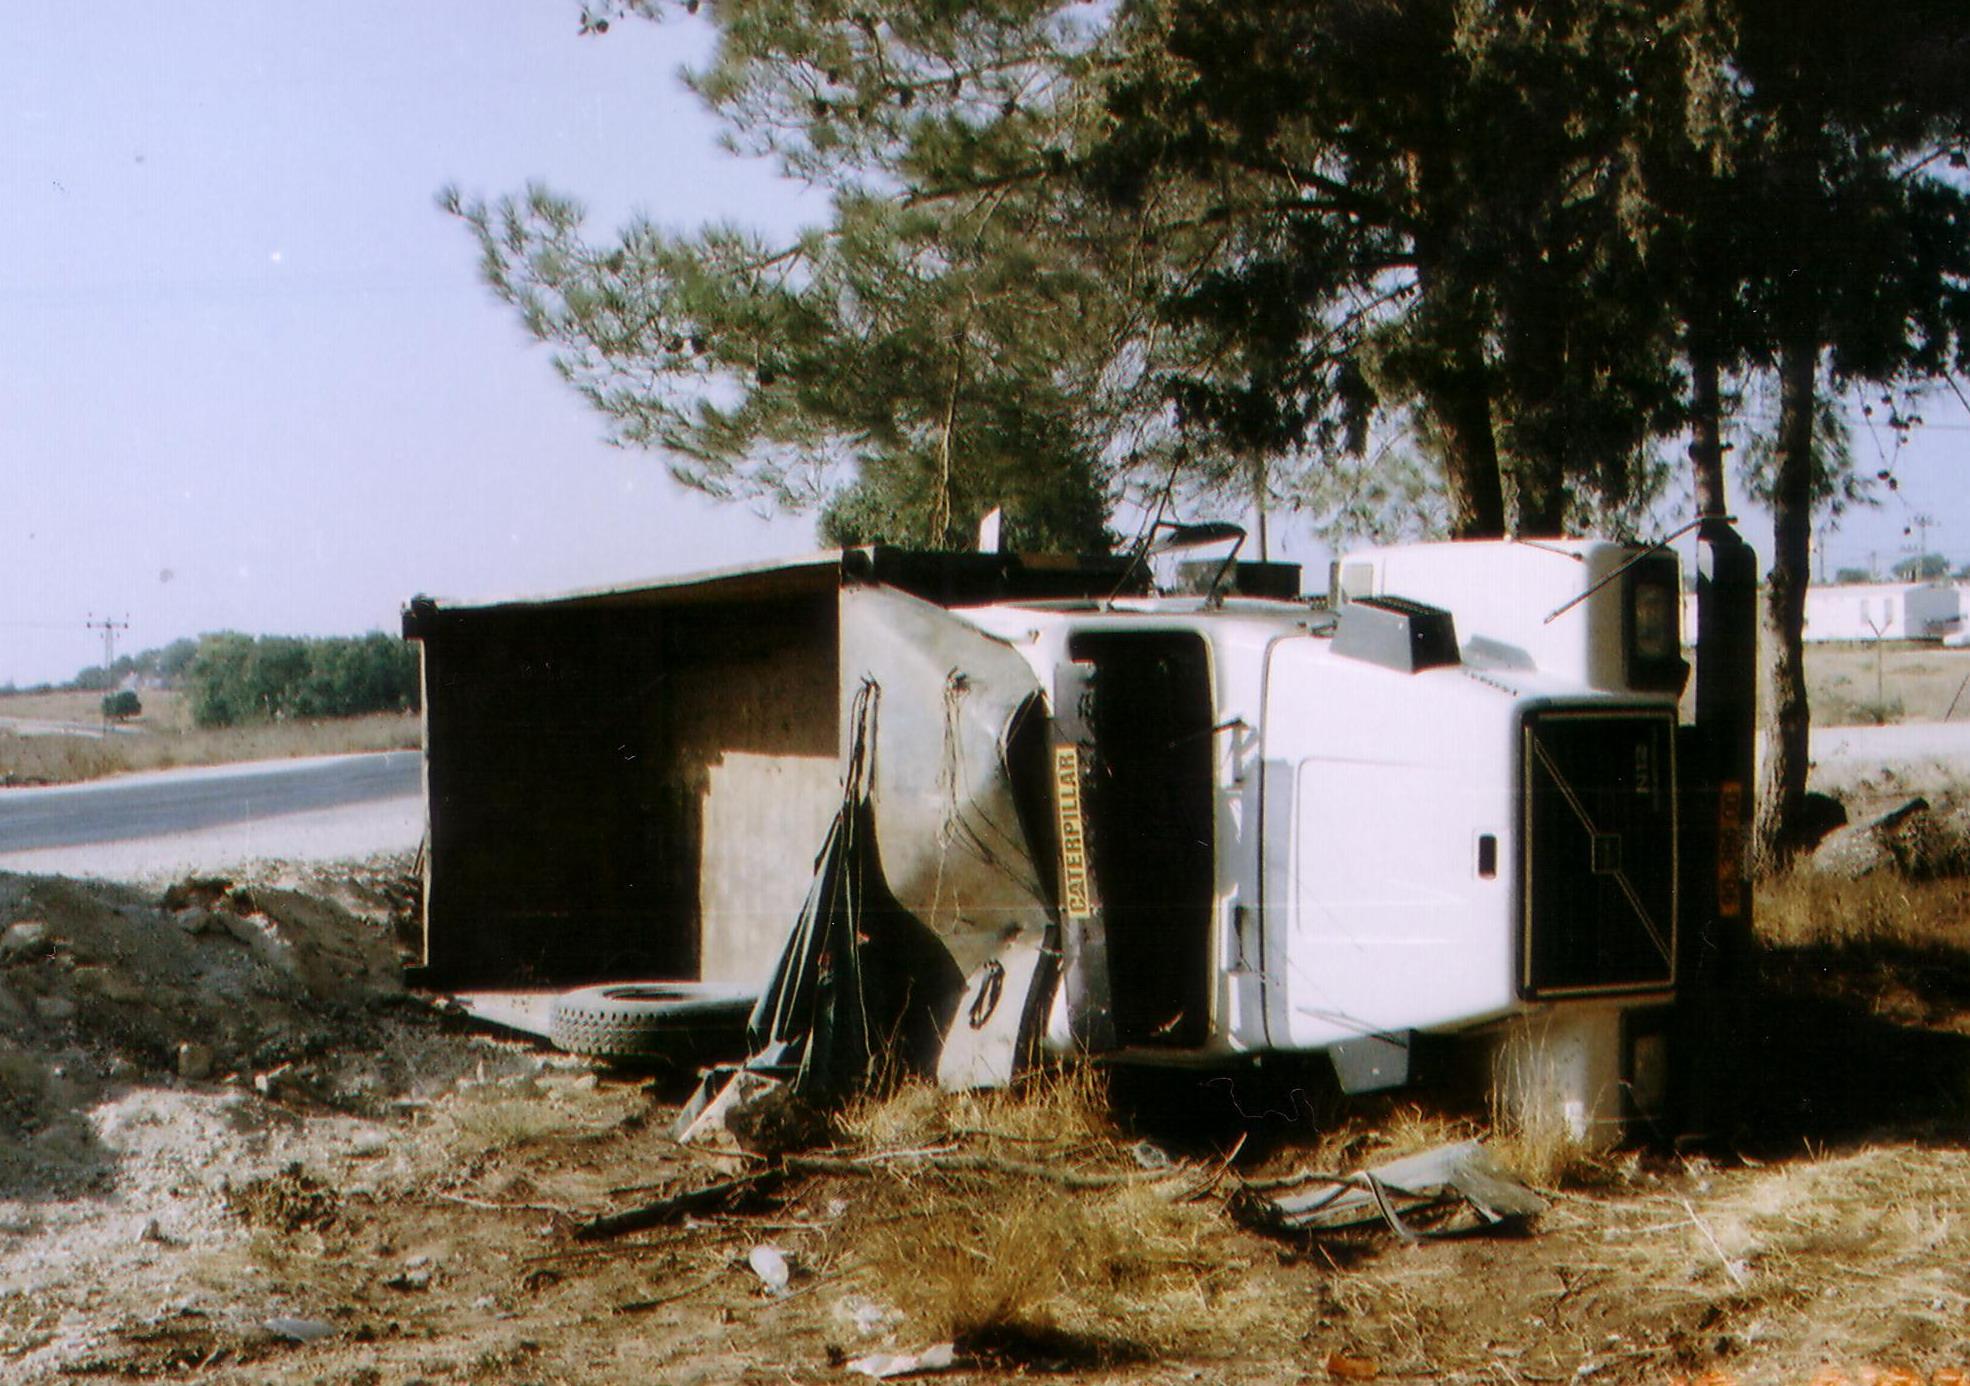 תאונת משאית - משאית רכינה הפוכה